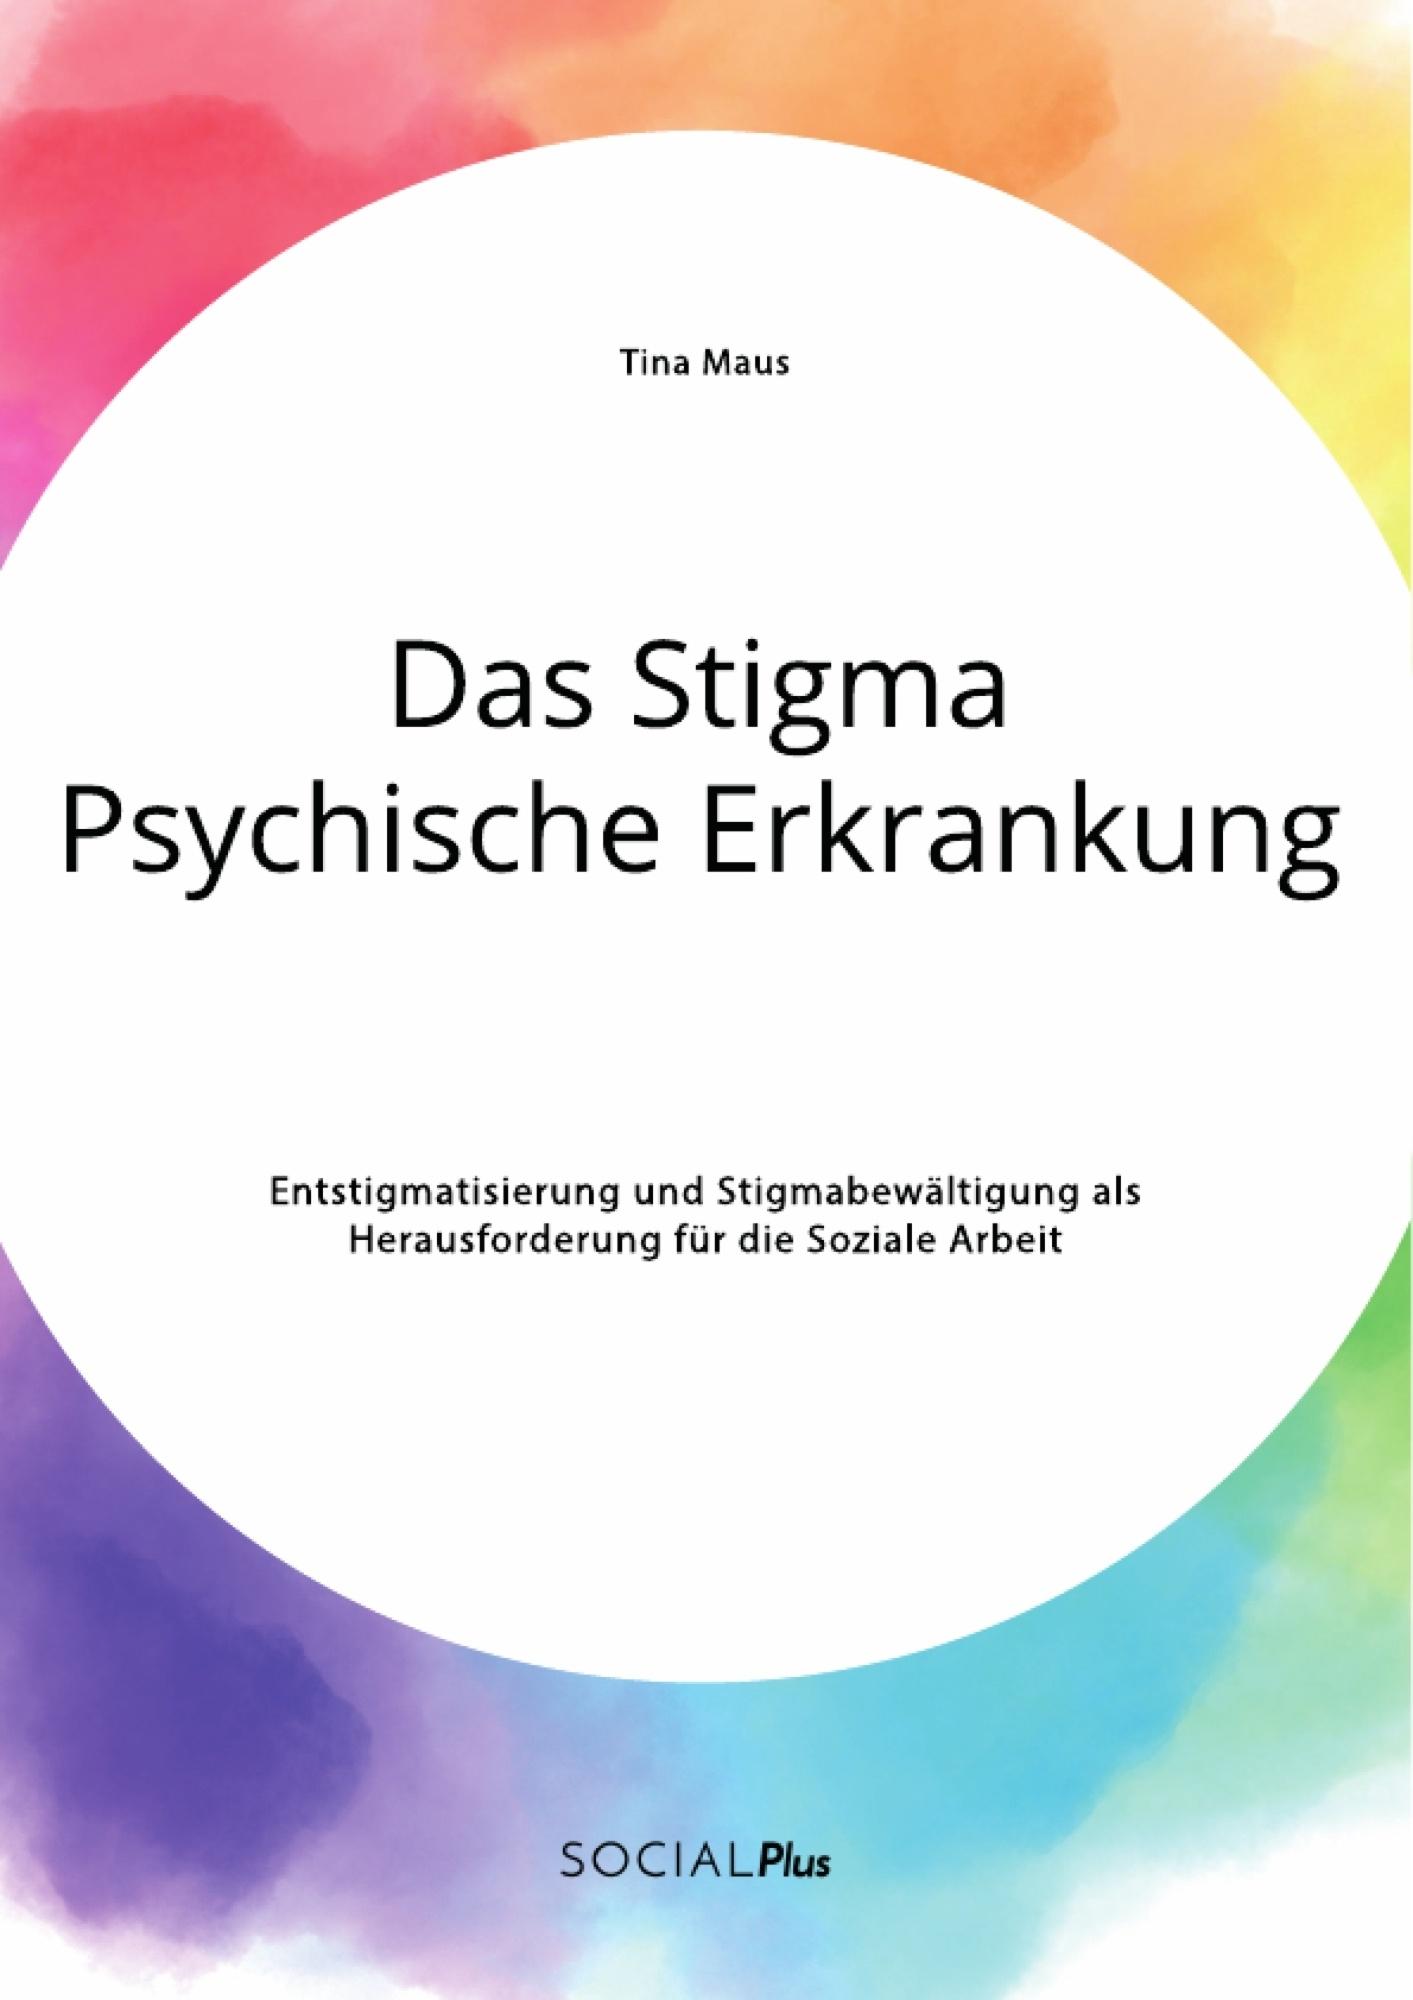 Titel: Das Stigma Psychische Erkrankung. Entstigmatisierung und Stigmabewältigung als Herausforderung für die Soziale Arbeit